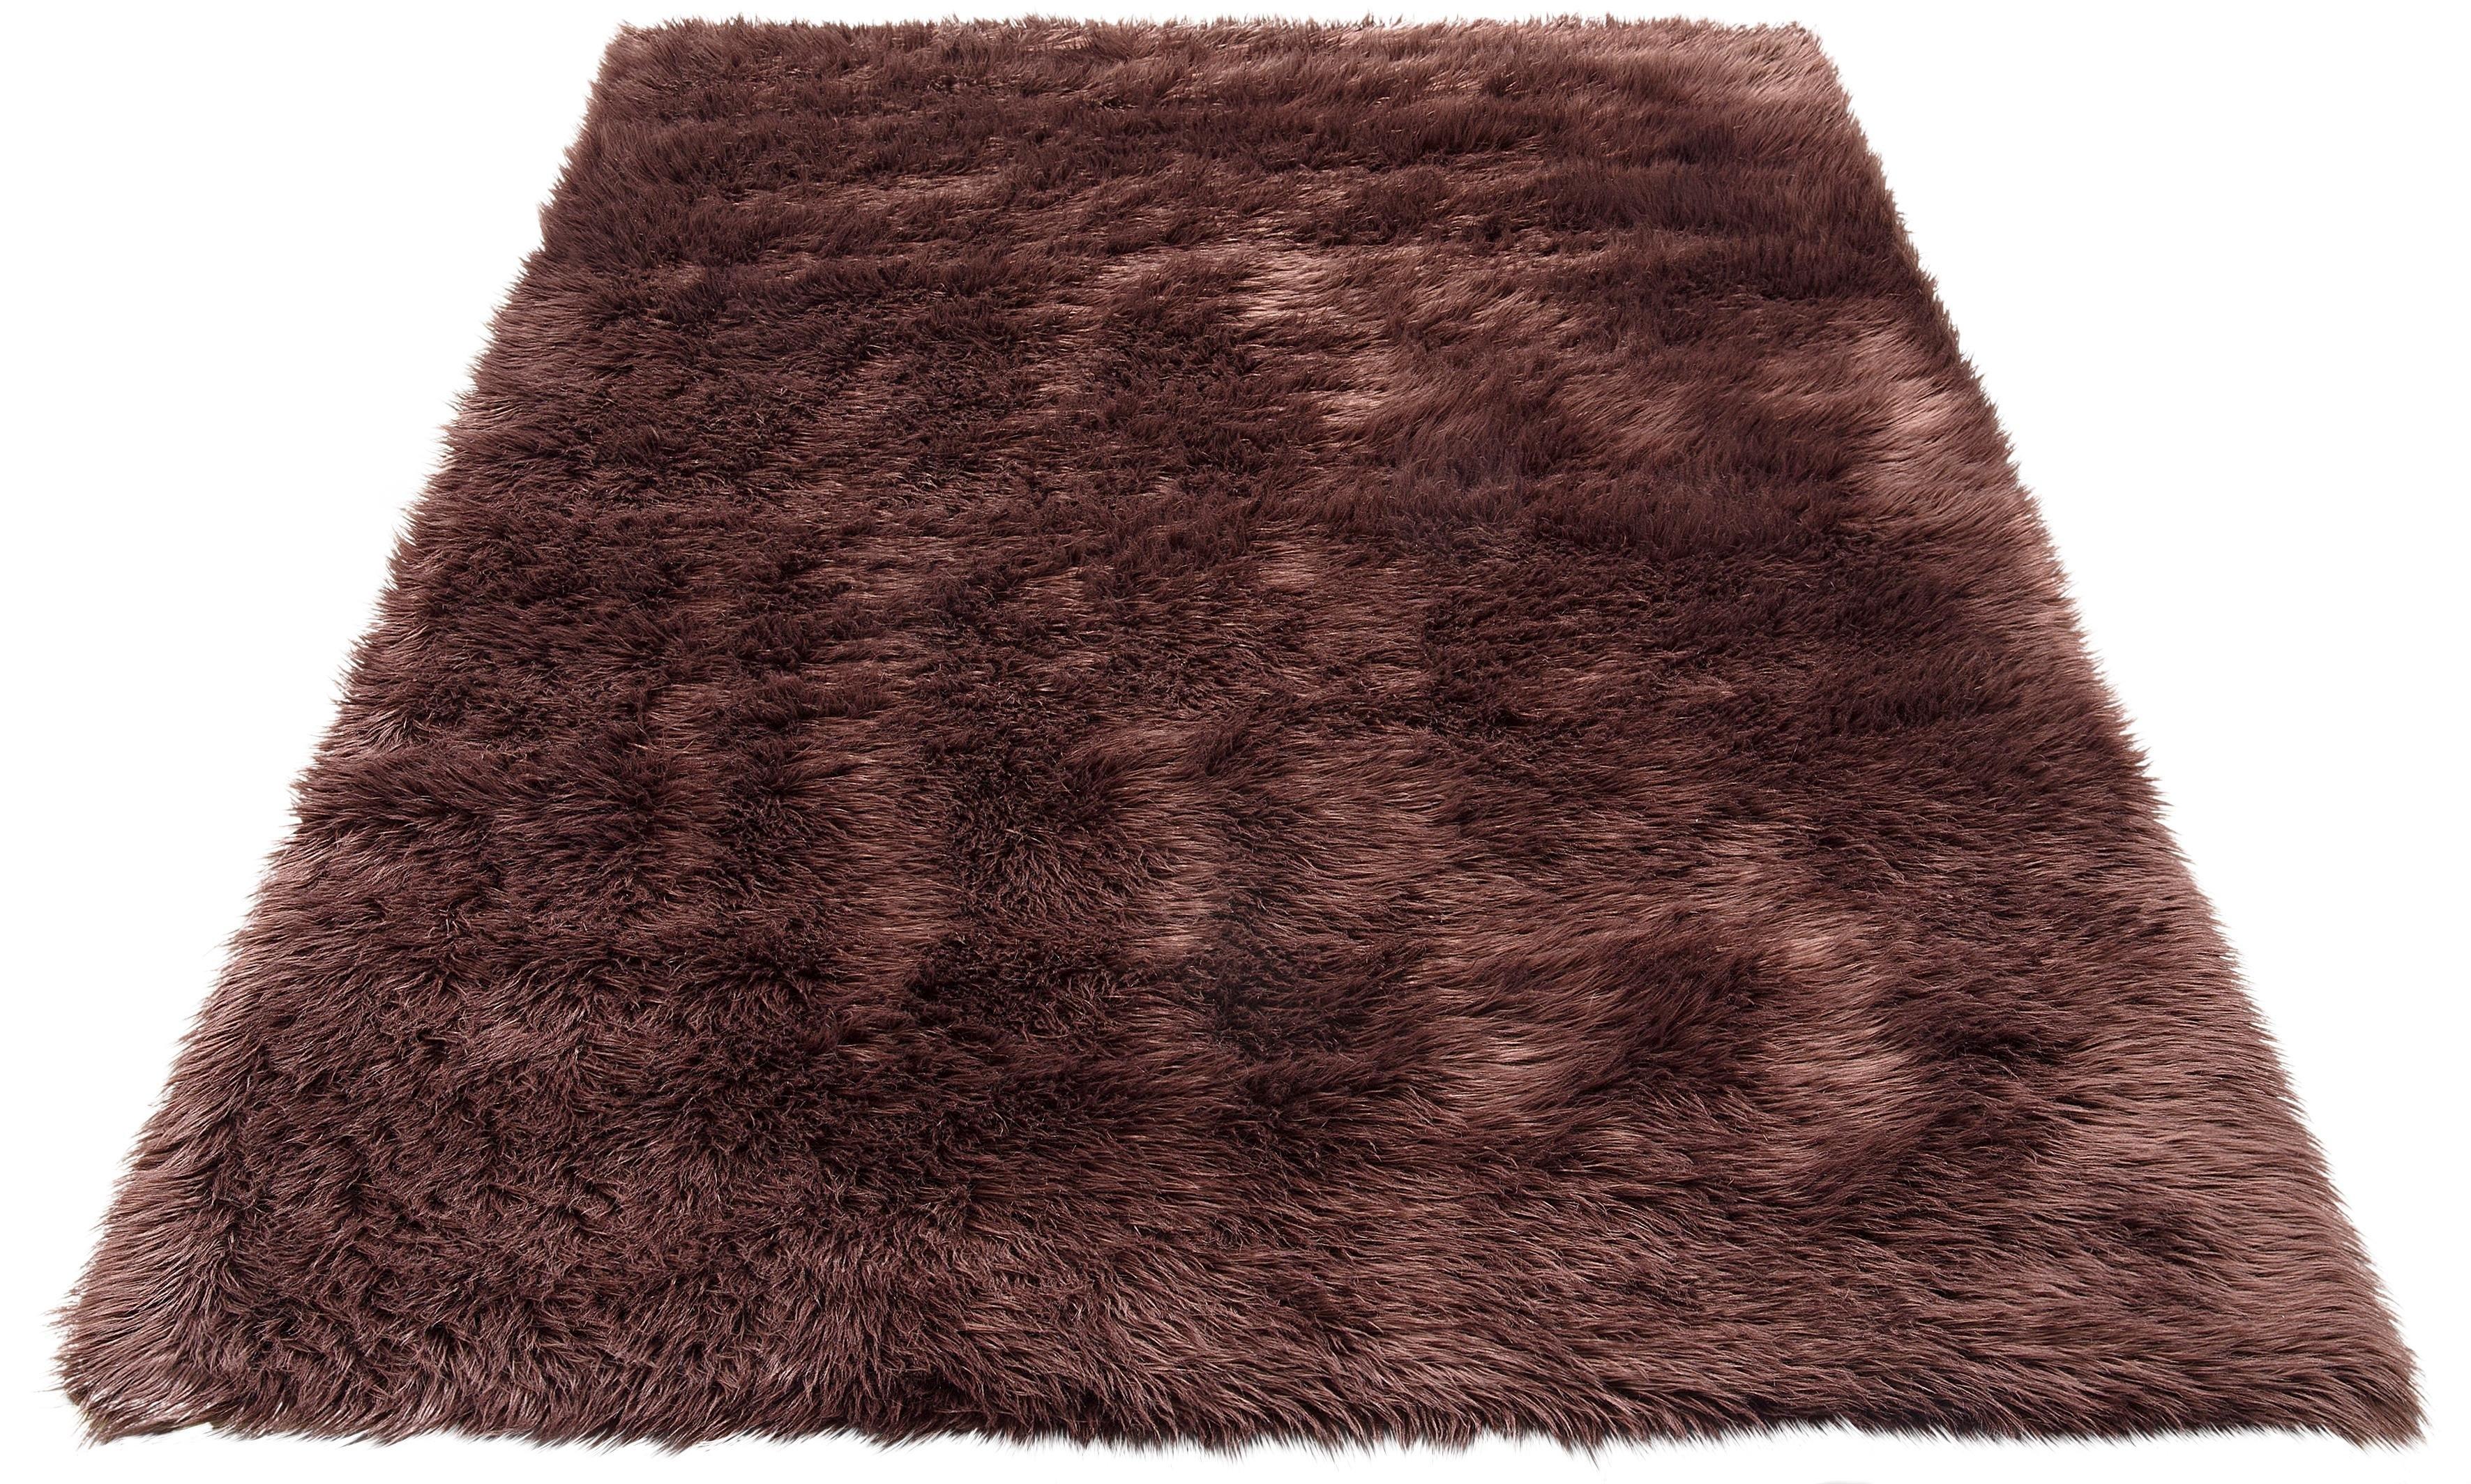 Home Affaire Hoogpolig vloerkleed, »Dena«, my home Selection, rechthoekig, hoogte 60 mm, machinaal getuft - verschillende betaalmethodes